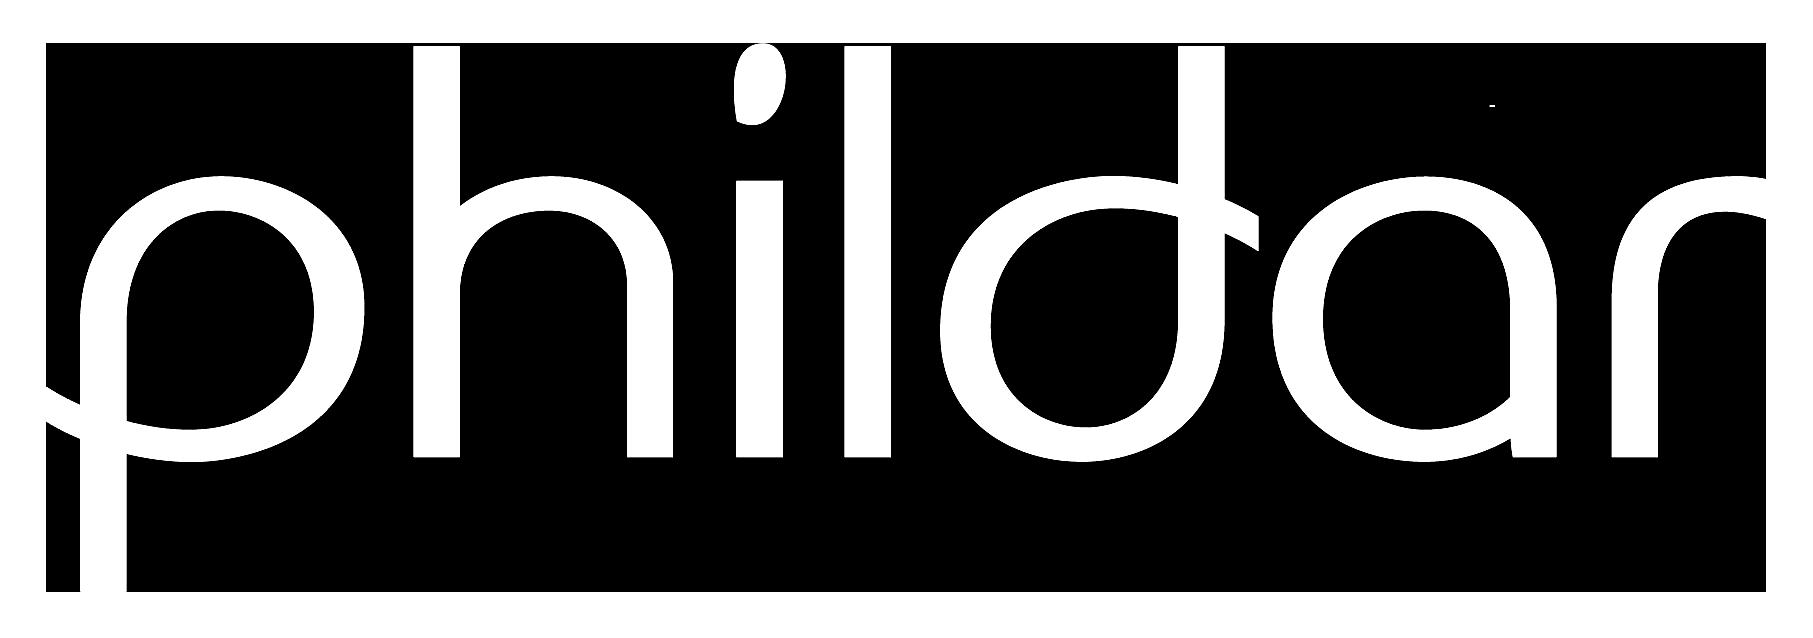 Phildar-enseigne-partenaire-du-Connected-Day